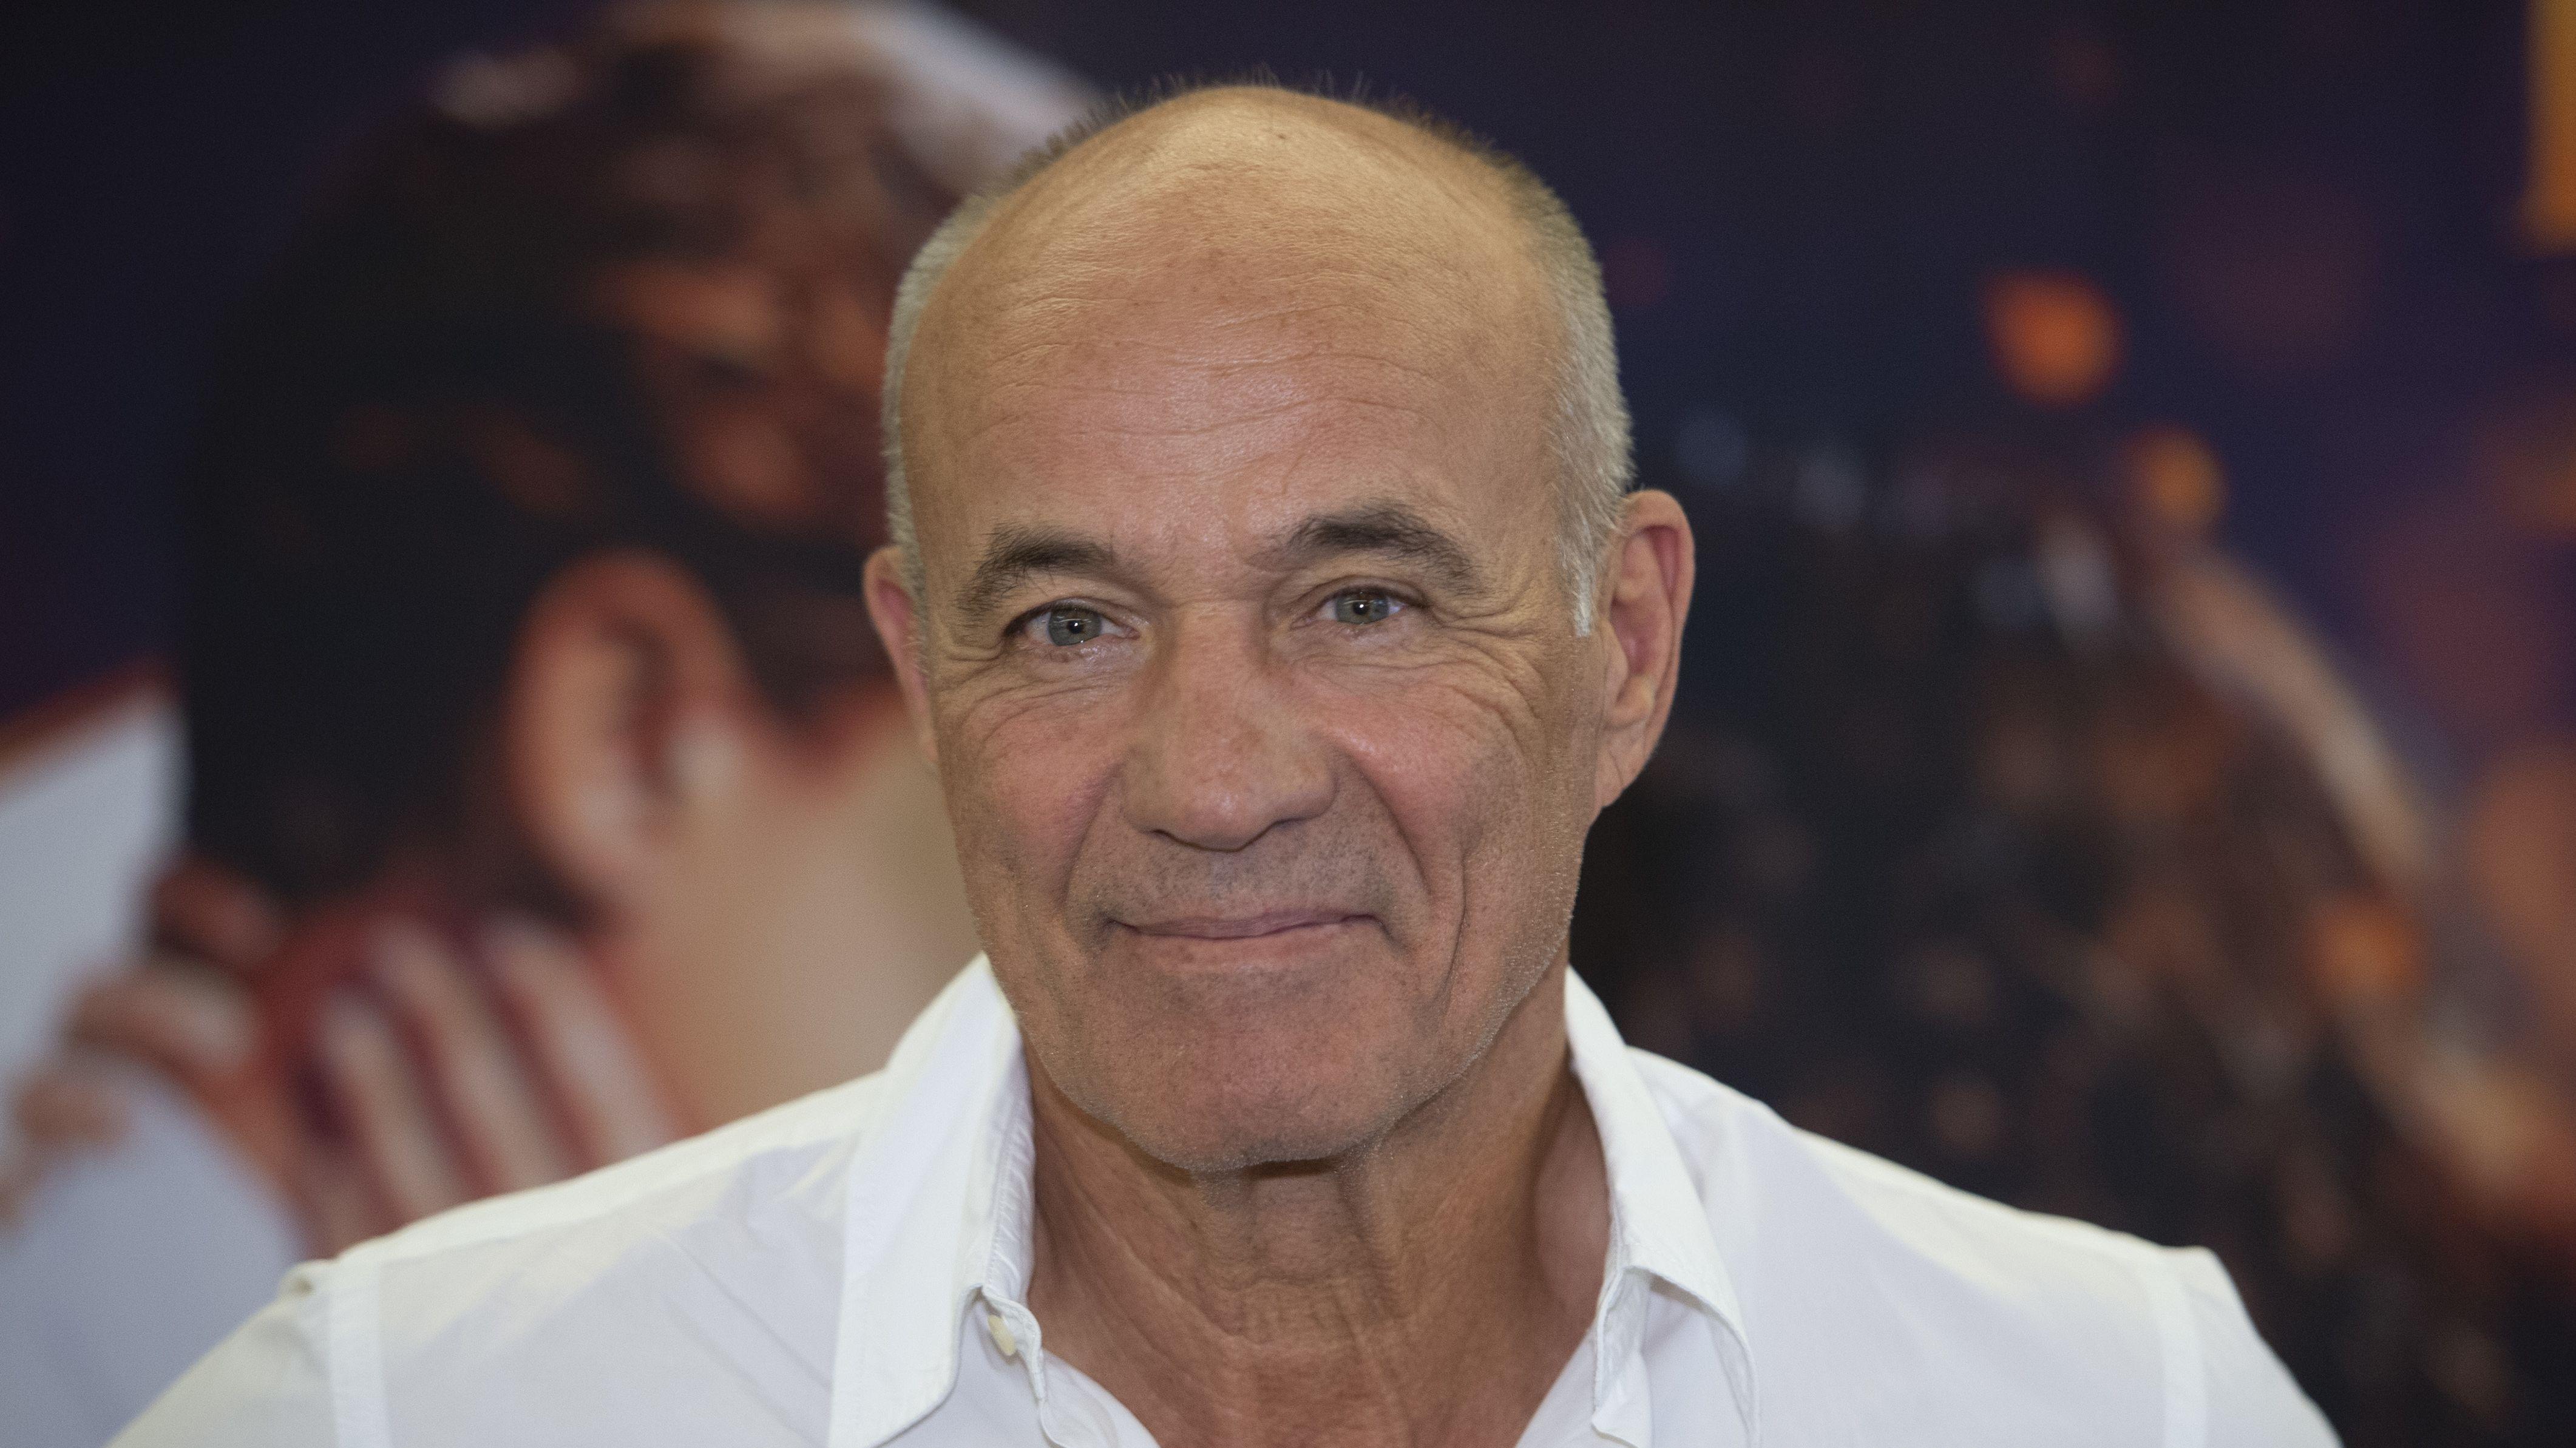 Porträt des Schauspielers Heiner Lauterbach in weißem Hemd, mit offenem Kragen bei einer Filmpremiere in Essen vergangenen Sommer